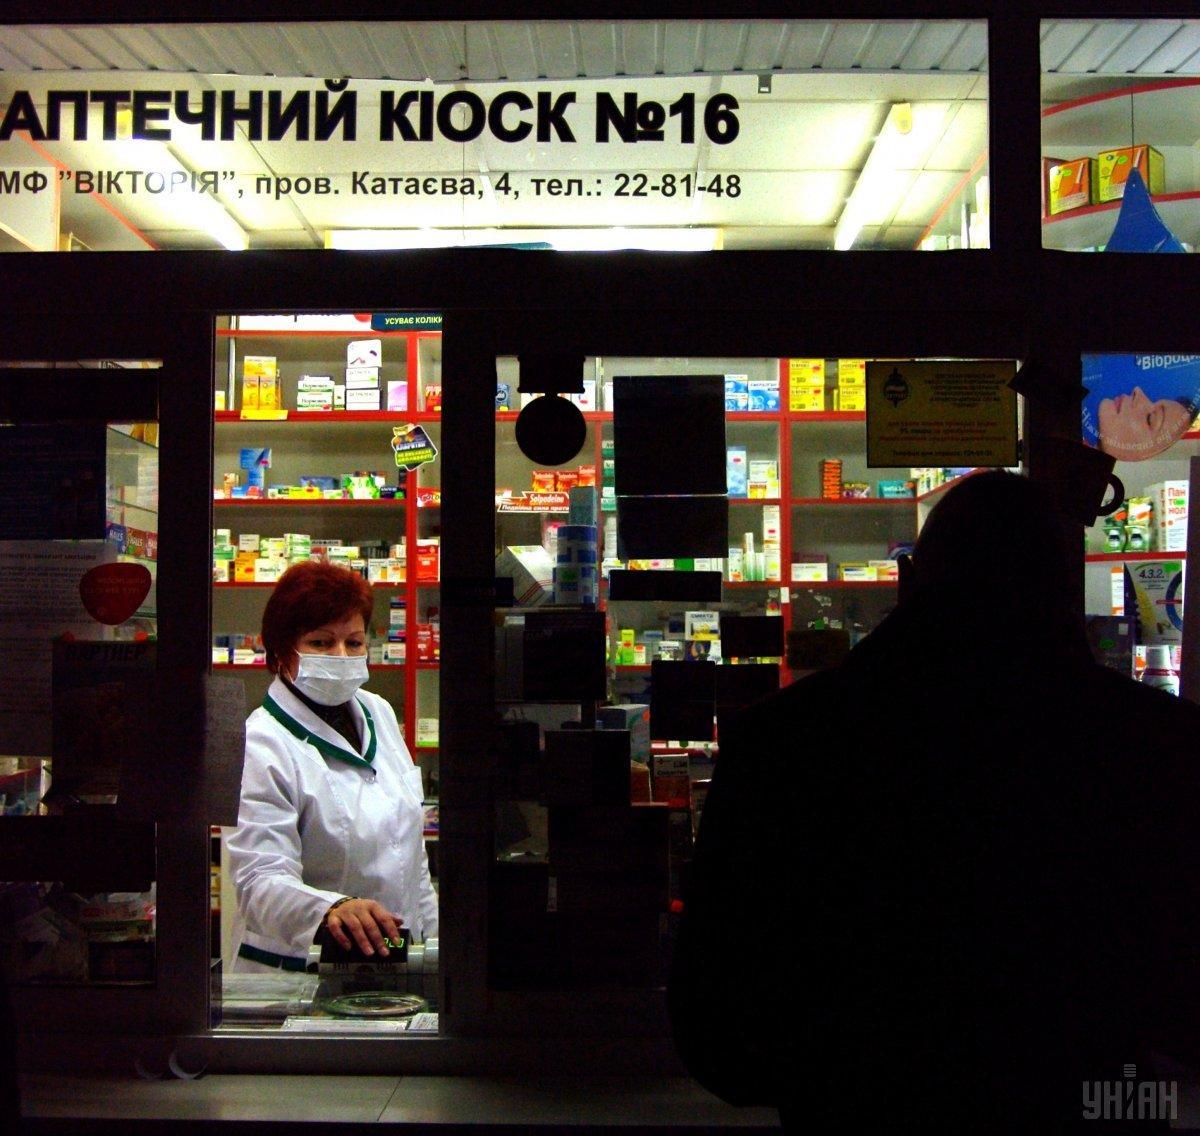 Украинцам советуют не заниматься самолечением / фото УНИАН